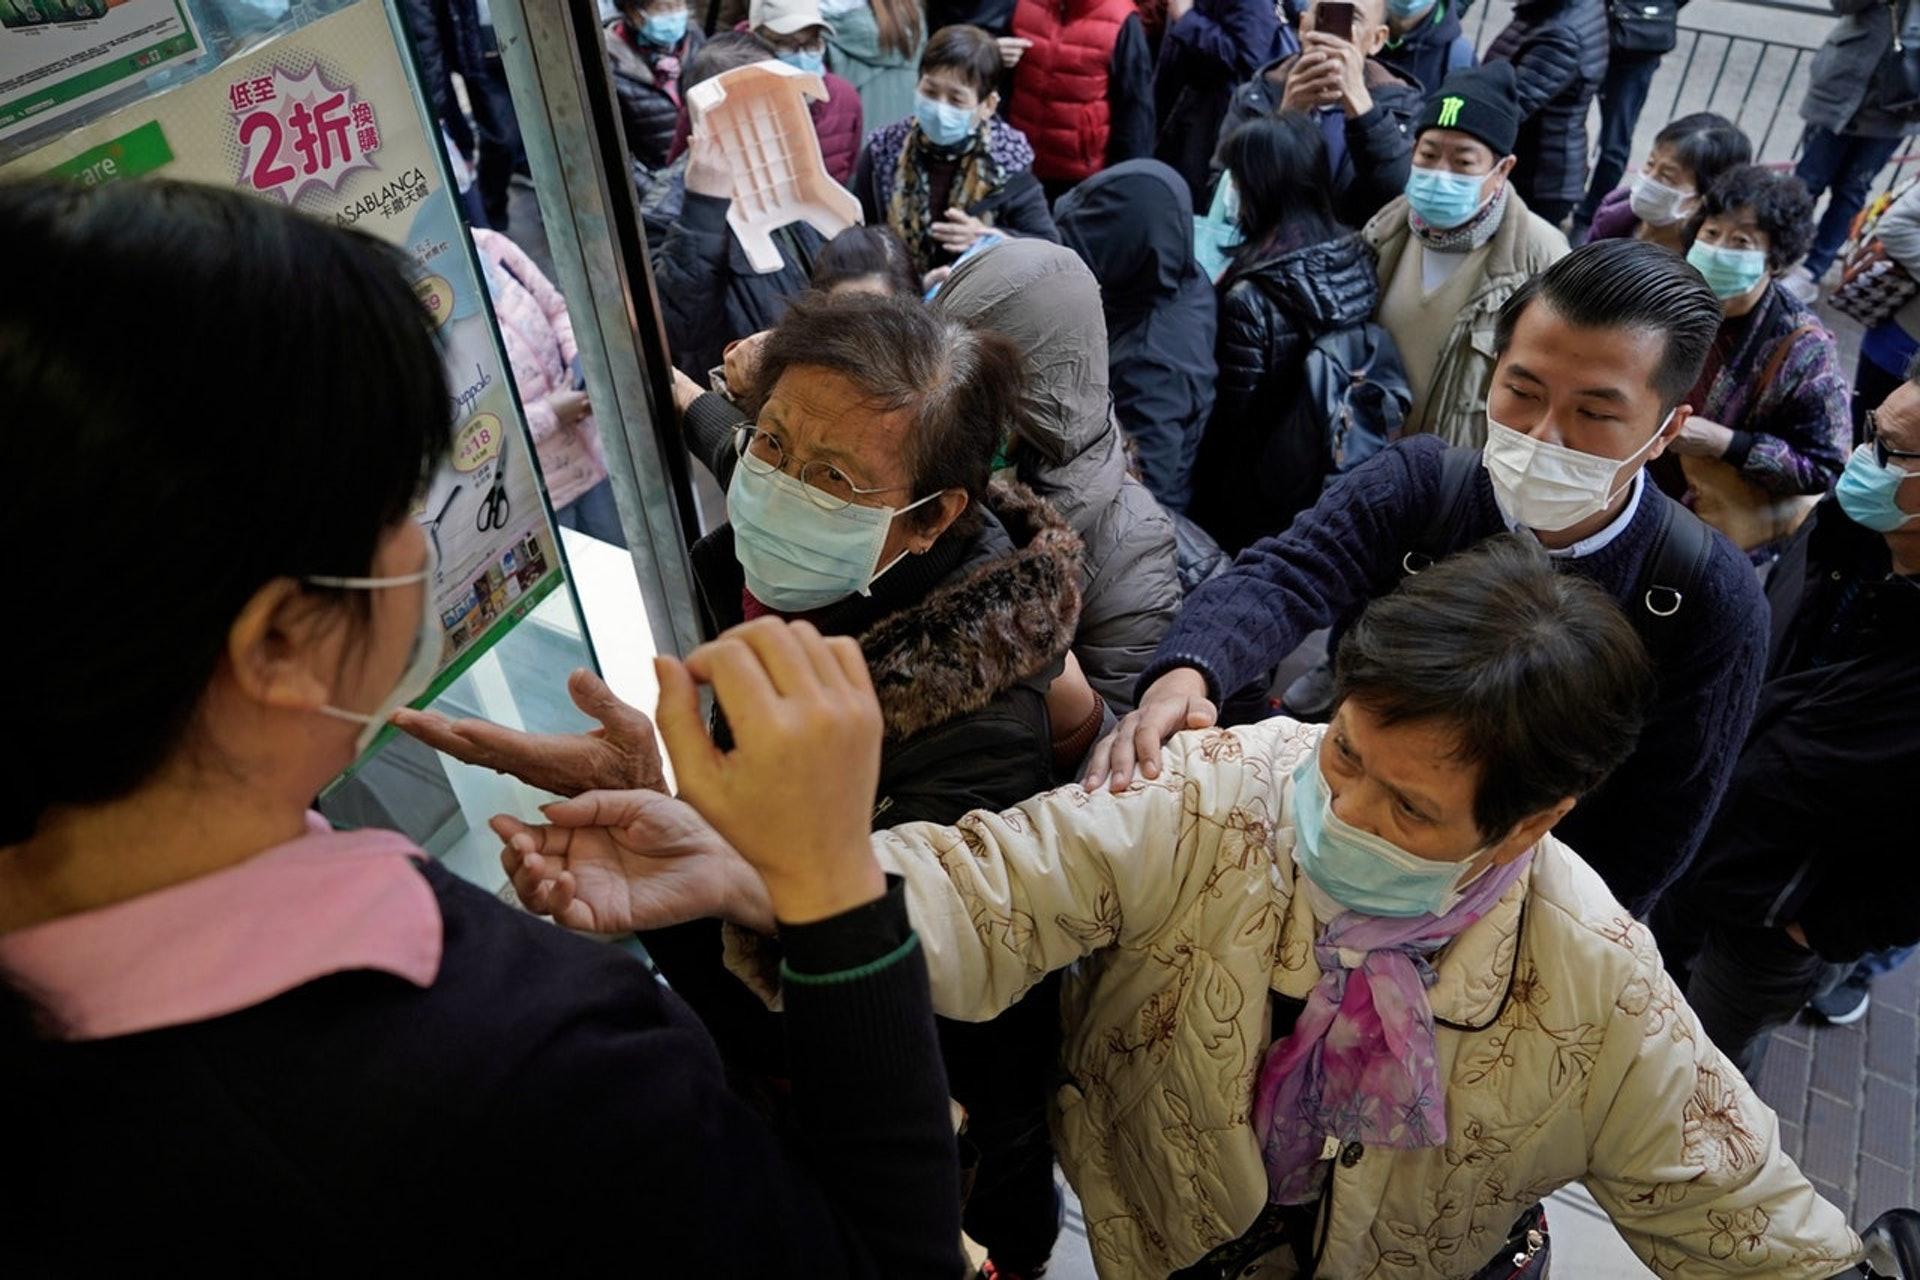 疫情也帶來恐懼,台灣民眾紛紛瘋搶口罩,也成為政府分配的難題。(AP)